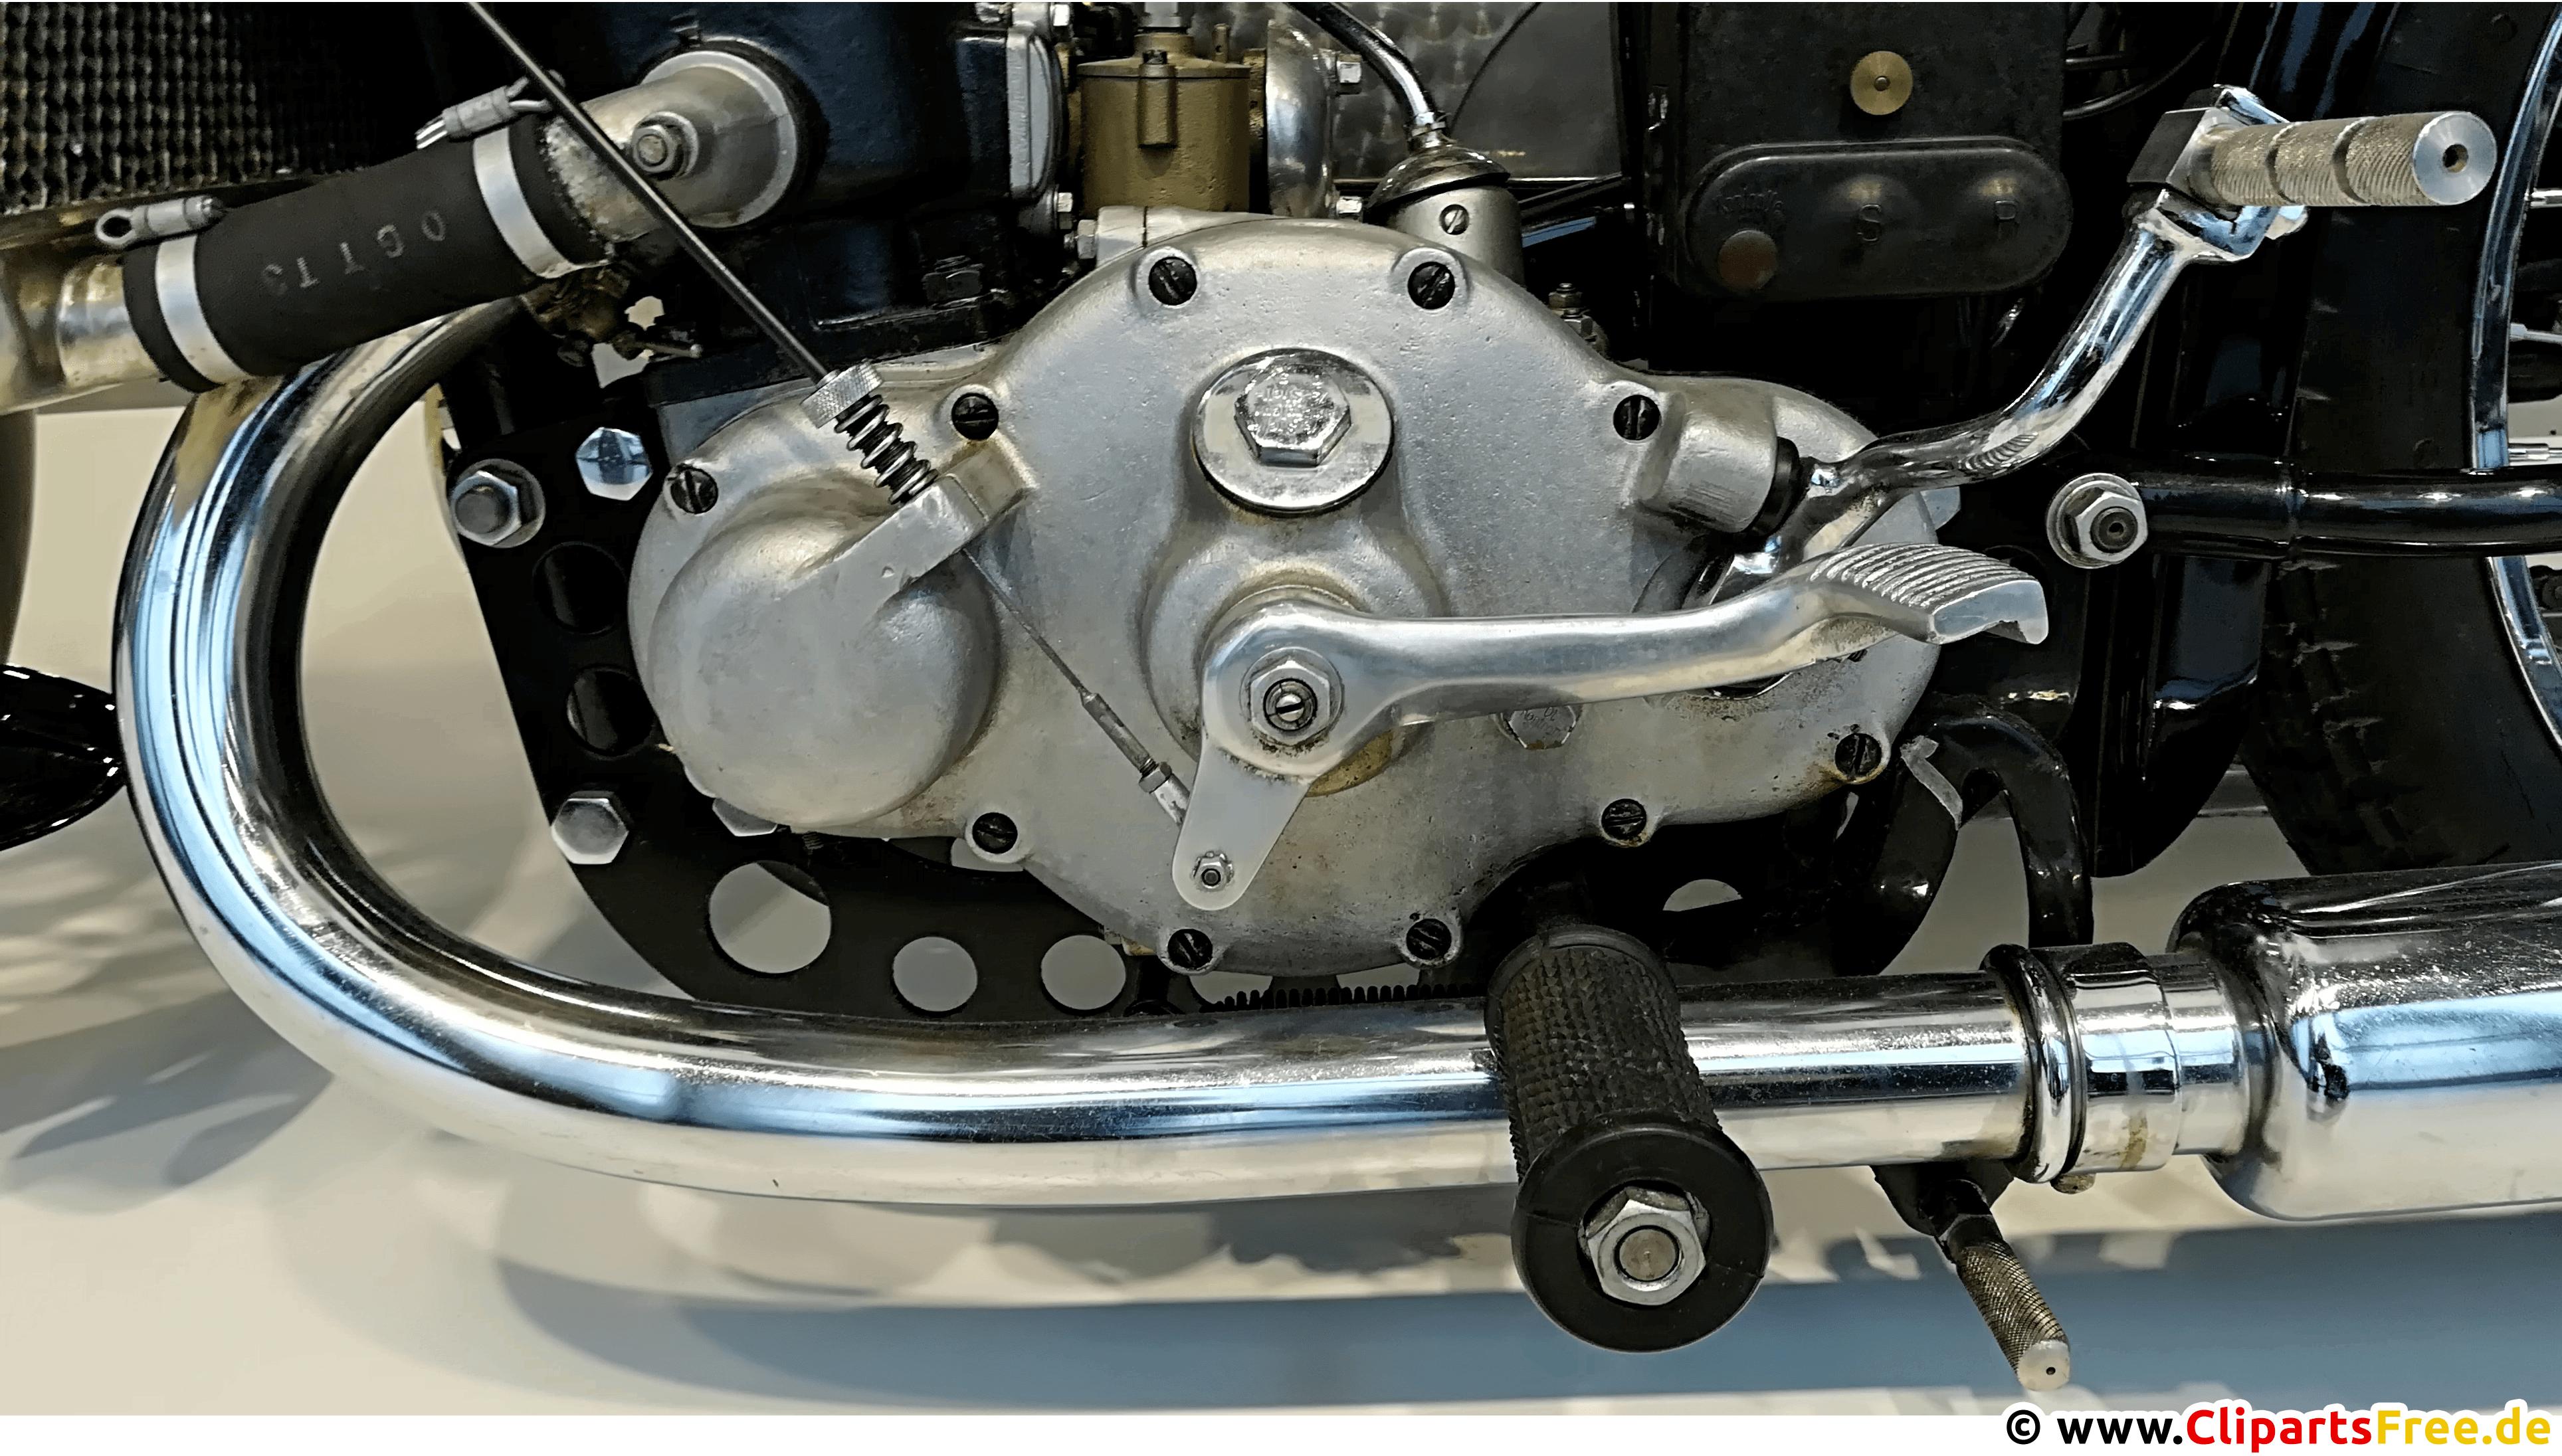 Motorradmotor Oldtimer Foto, Bild